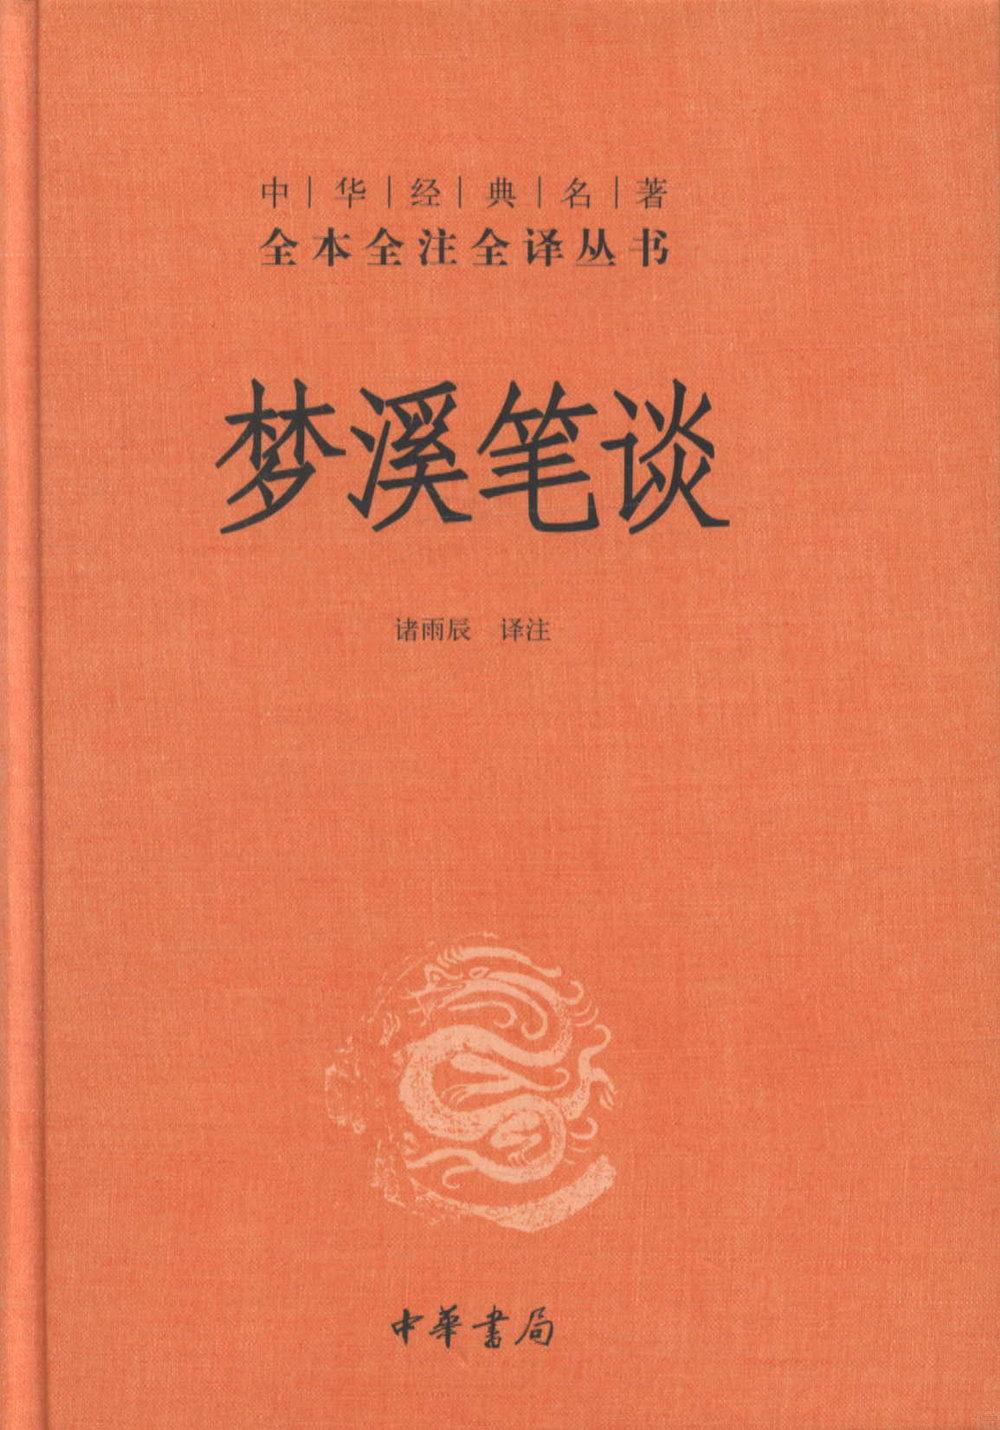 中華經典名著全本全注全譯:夢溪筆談